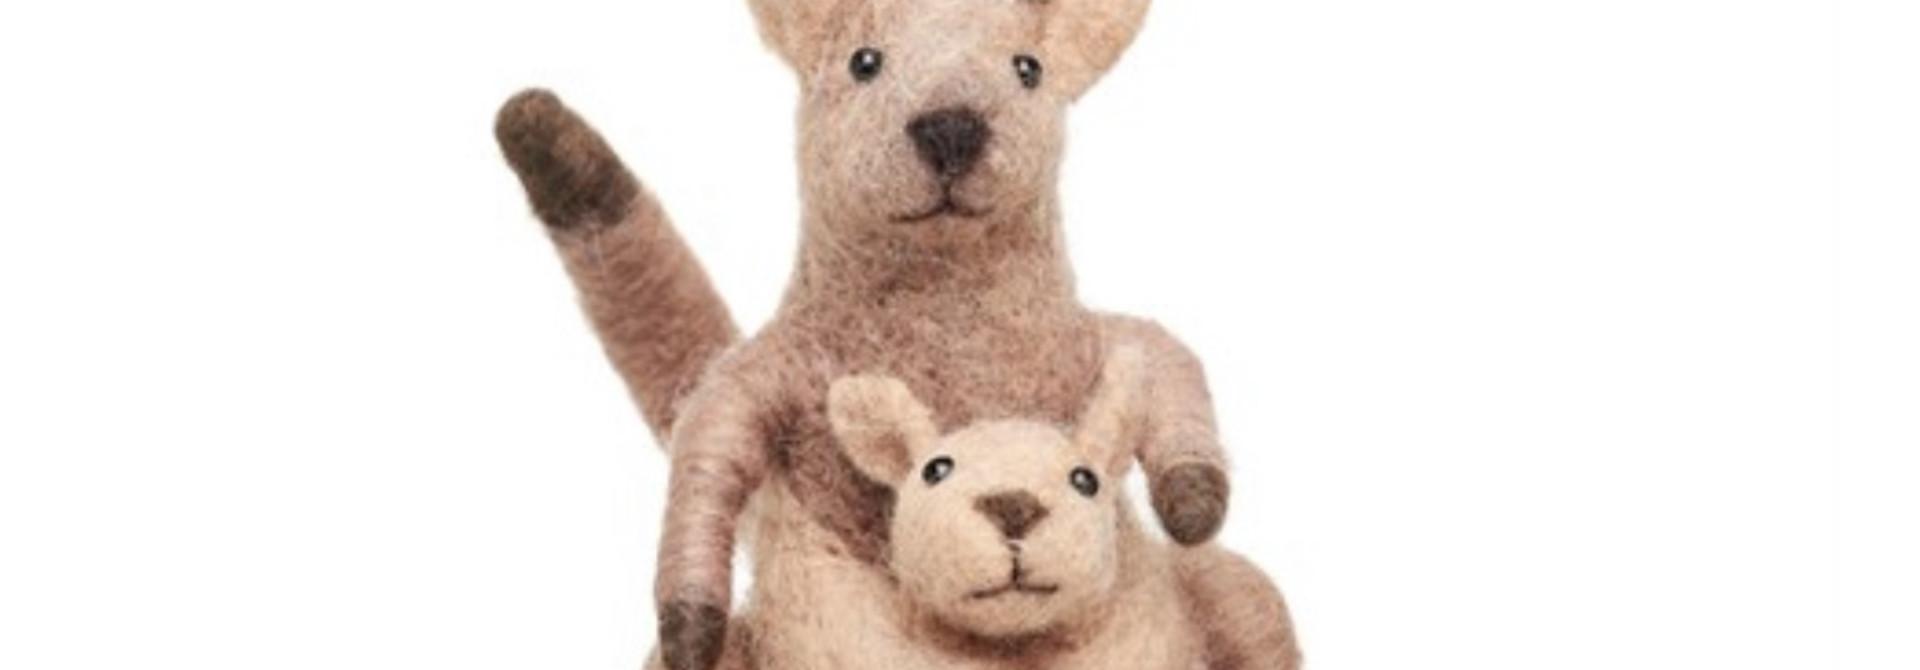 Kangaroo and Baby Felt Decoration